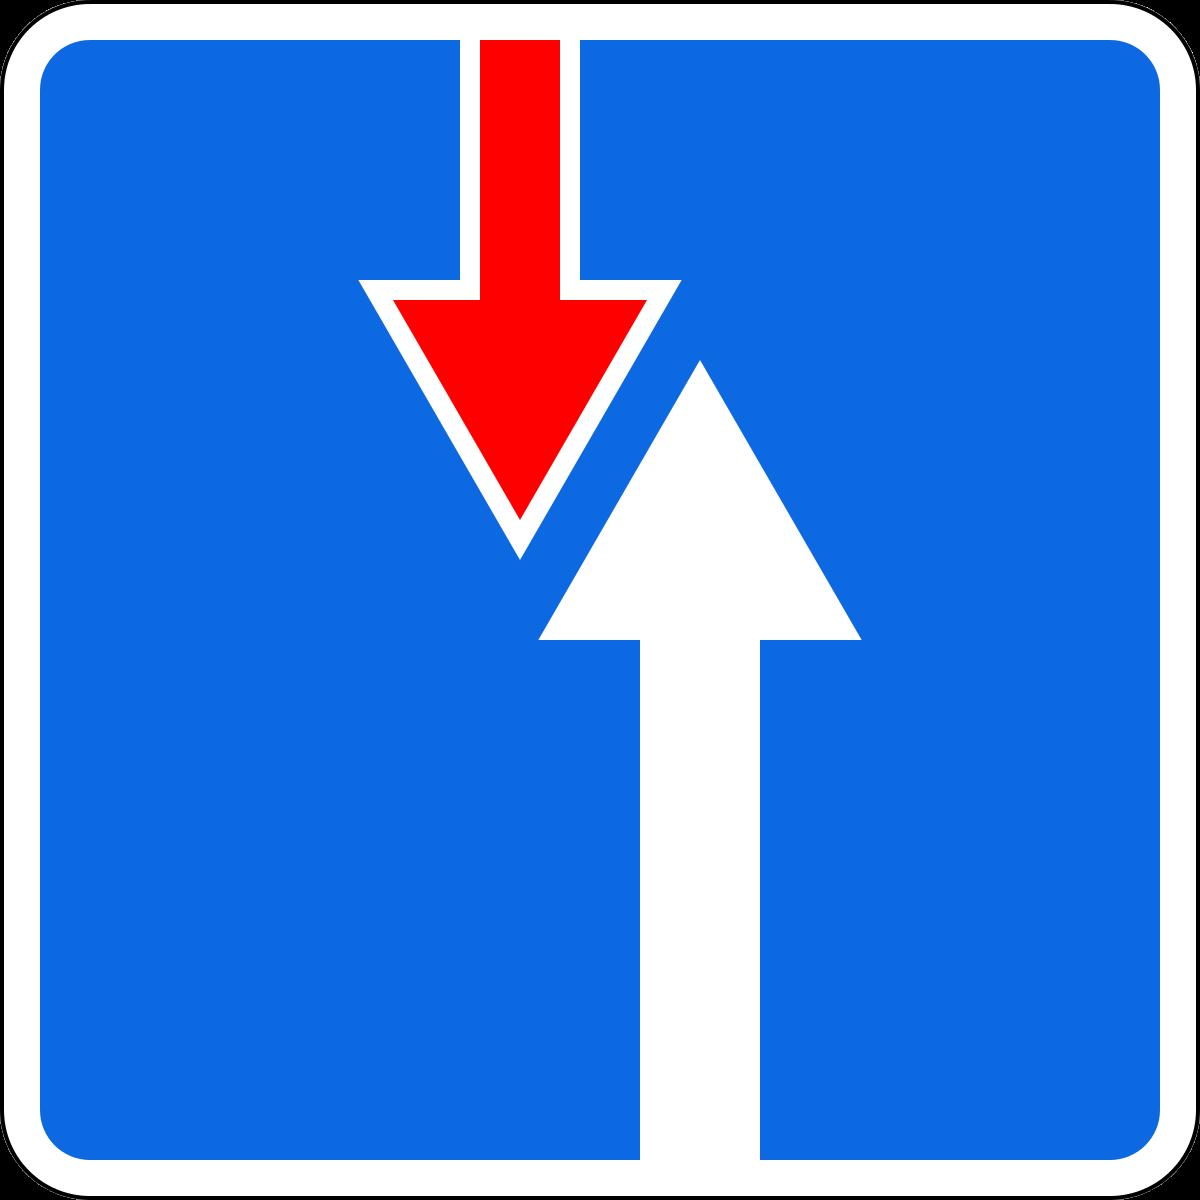 Знак 2.7 Қарсы қозғалыс алдындағы артықшылық/ Преимущество перед встречным движением